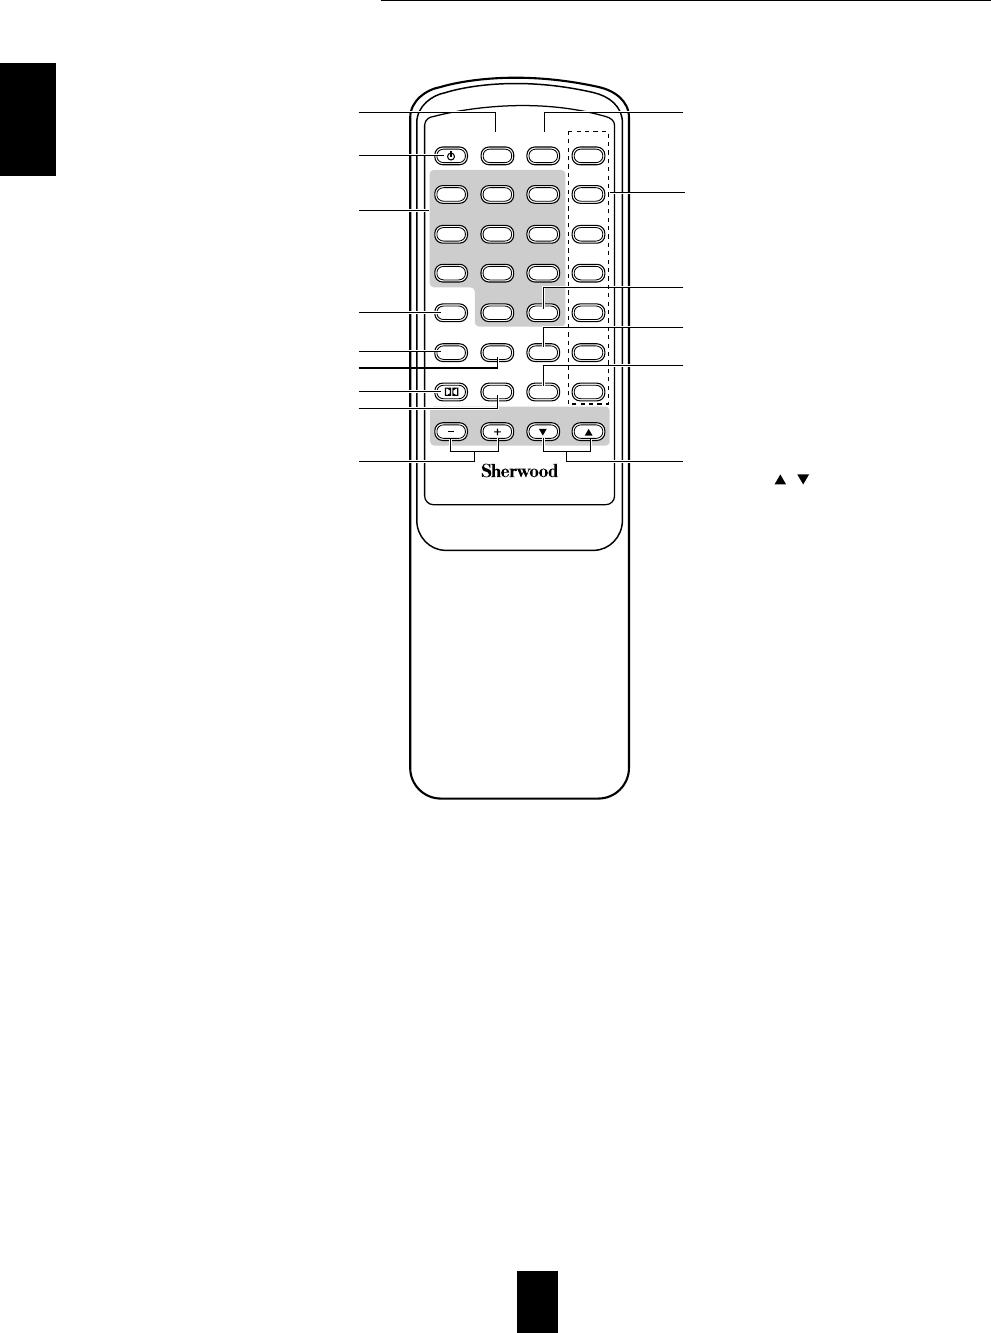 Sherwood Rd 6108 Users Manual 6108´)